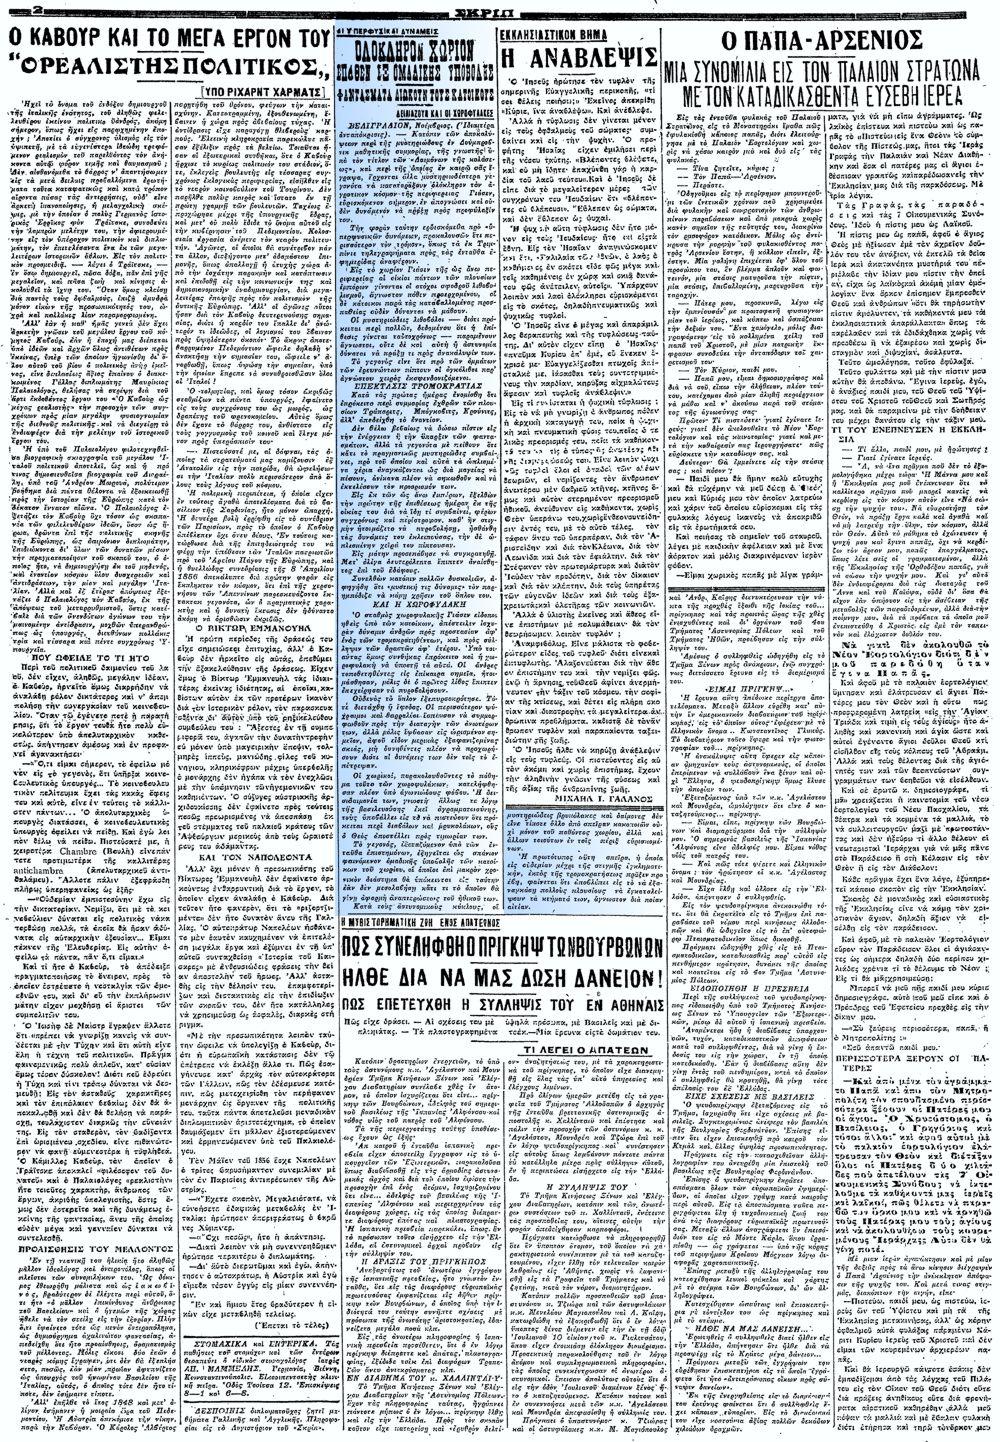 """Το άρθρο, όπως δημοσιεύθηκε στην εφημερίδα """"ΣΚΡΙΠ"""", στις 02/12/1928"""